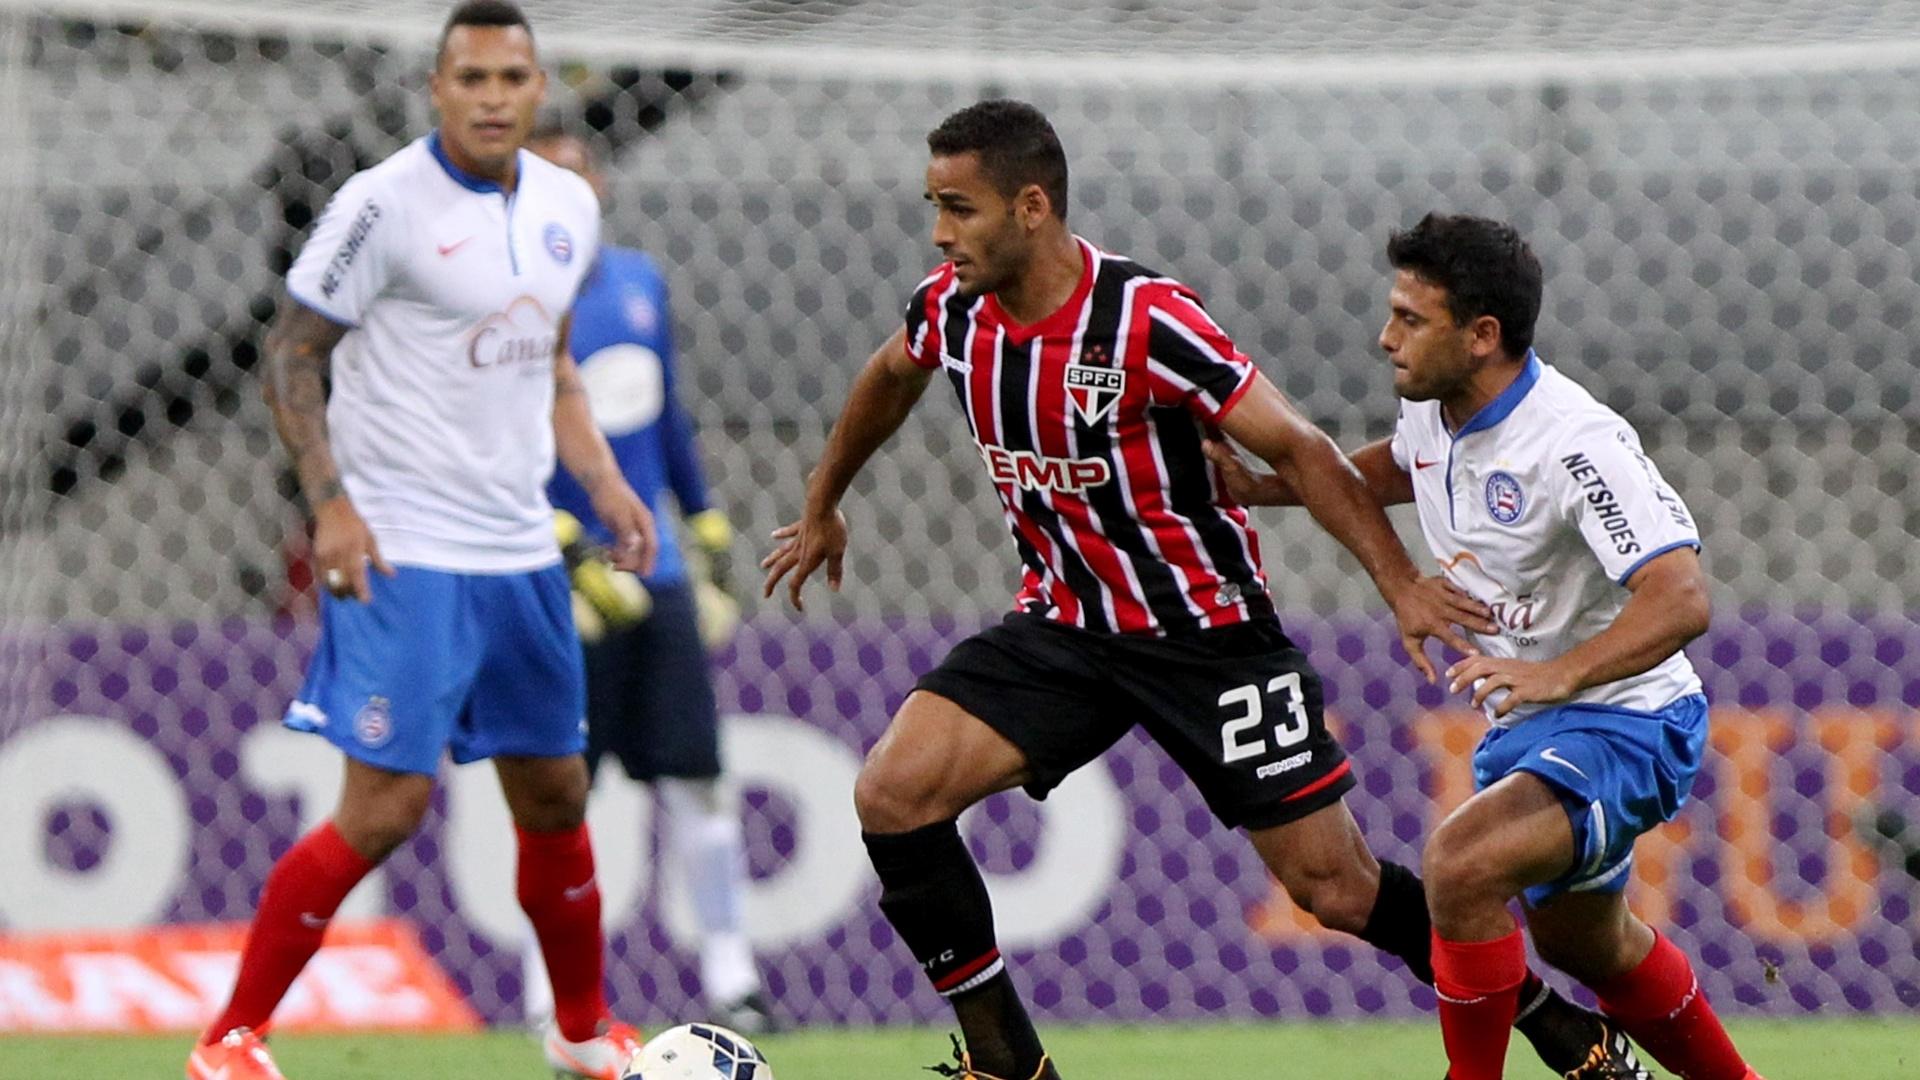 Douglas foge da marcação do Bahia na partida do São Paulo pelo Campeonato Brasileiro